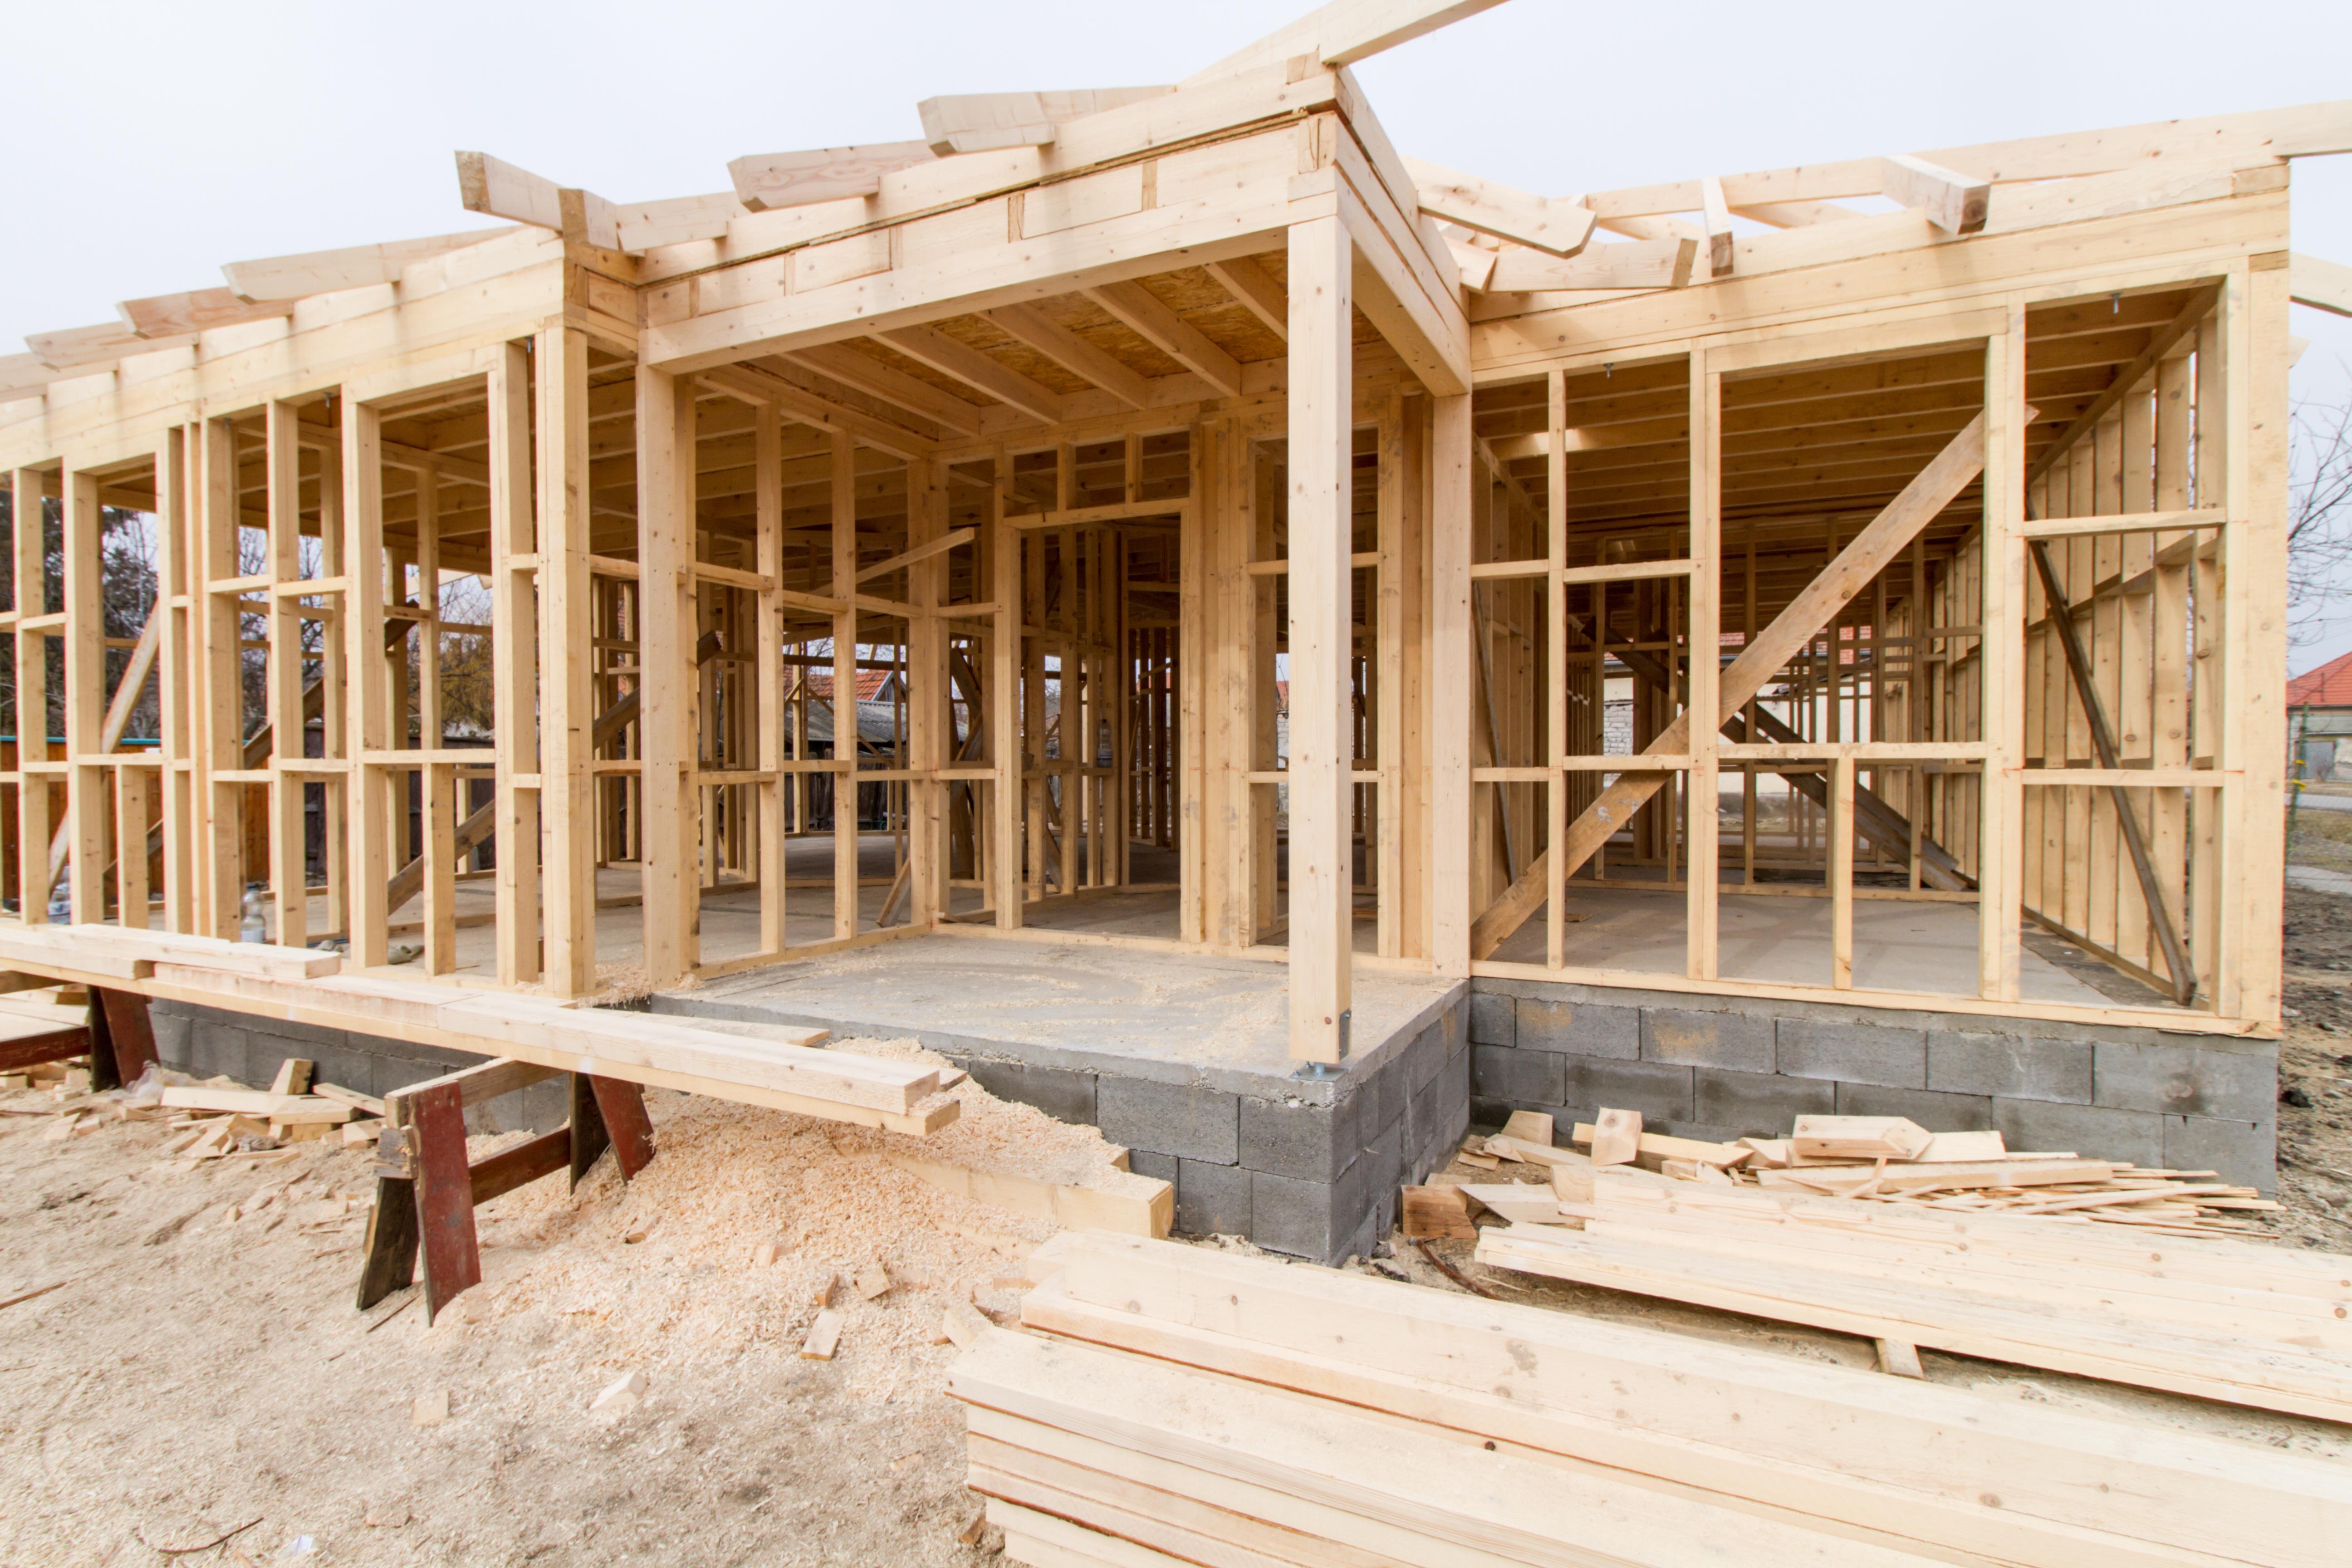 Construction Loan Arizona